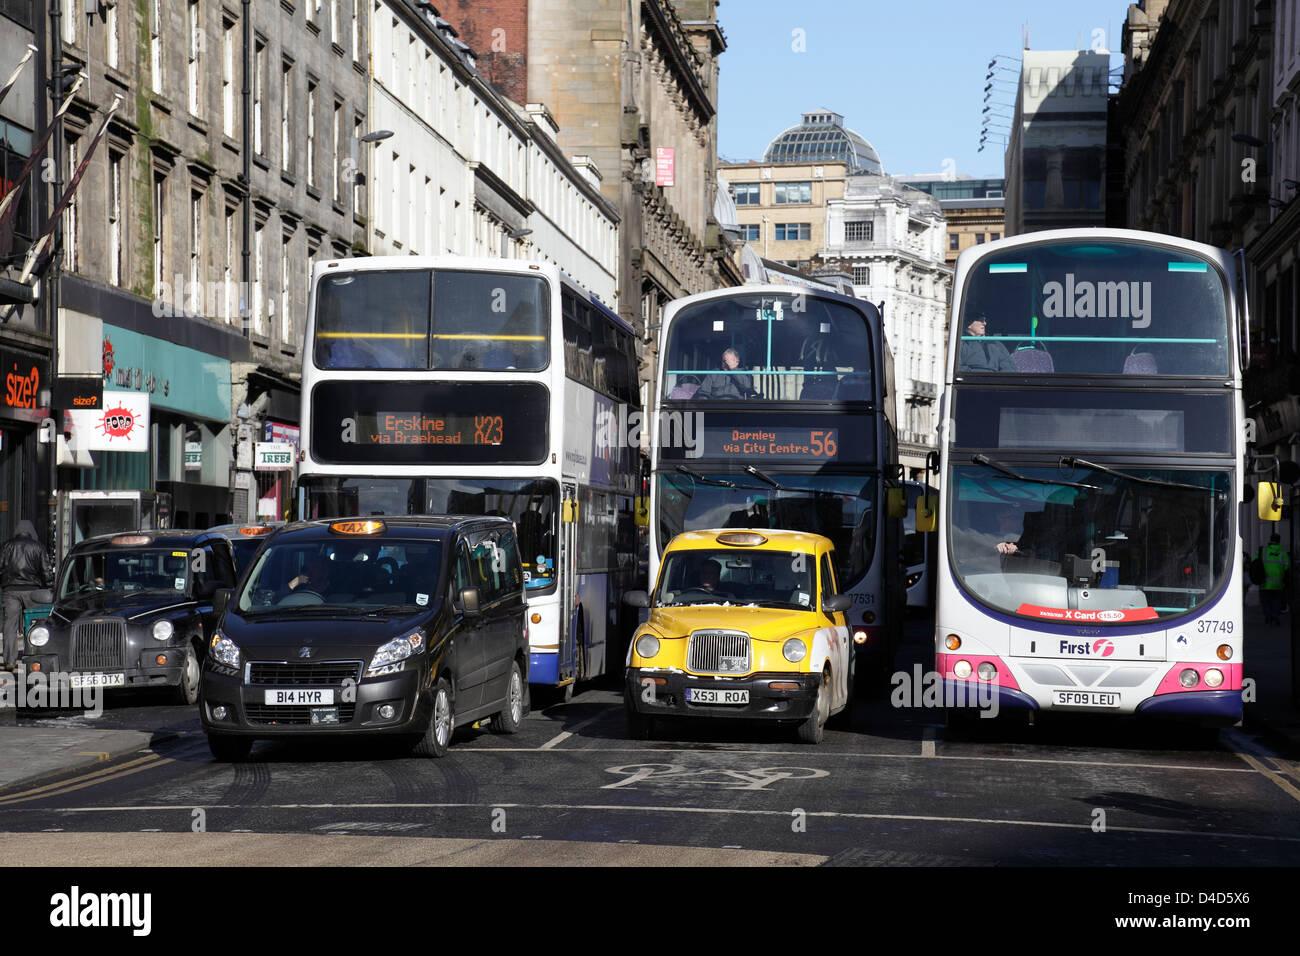 Autobuses y taxis en Union Street en el centro de la ciudad de Glasgow, Escocia, Reino Unido Imagen De Stock